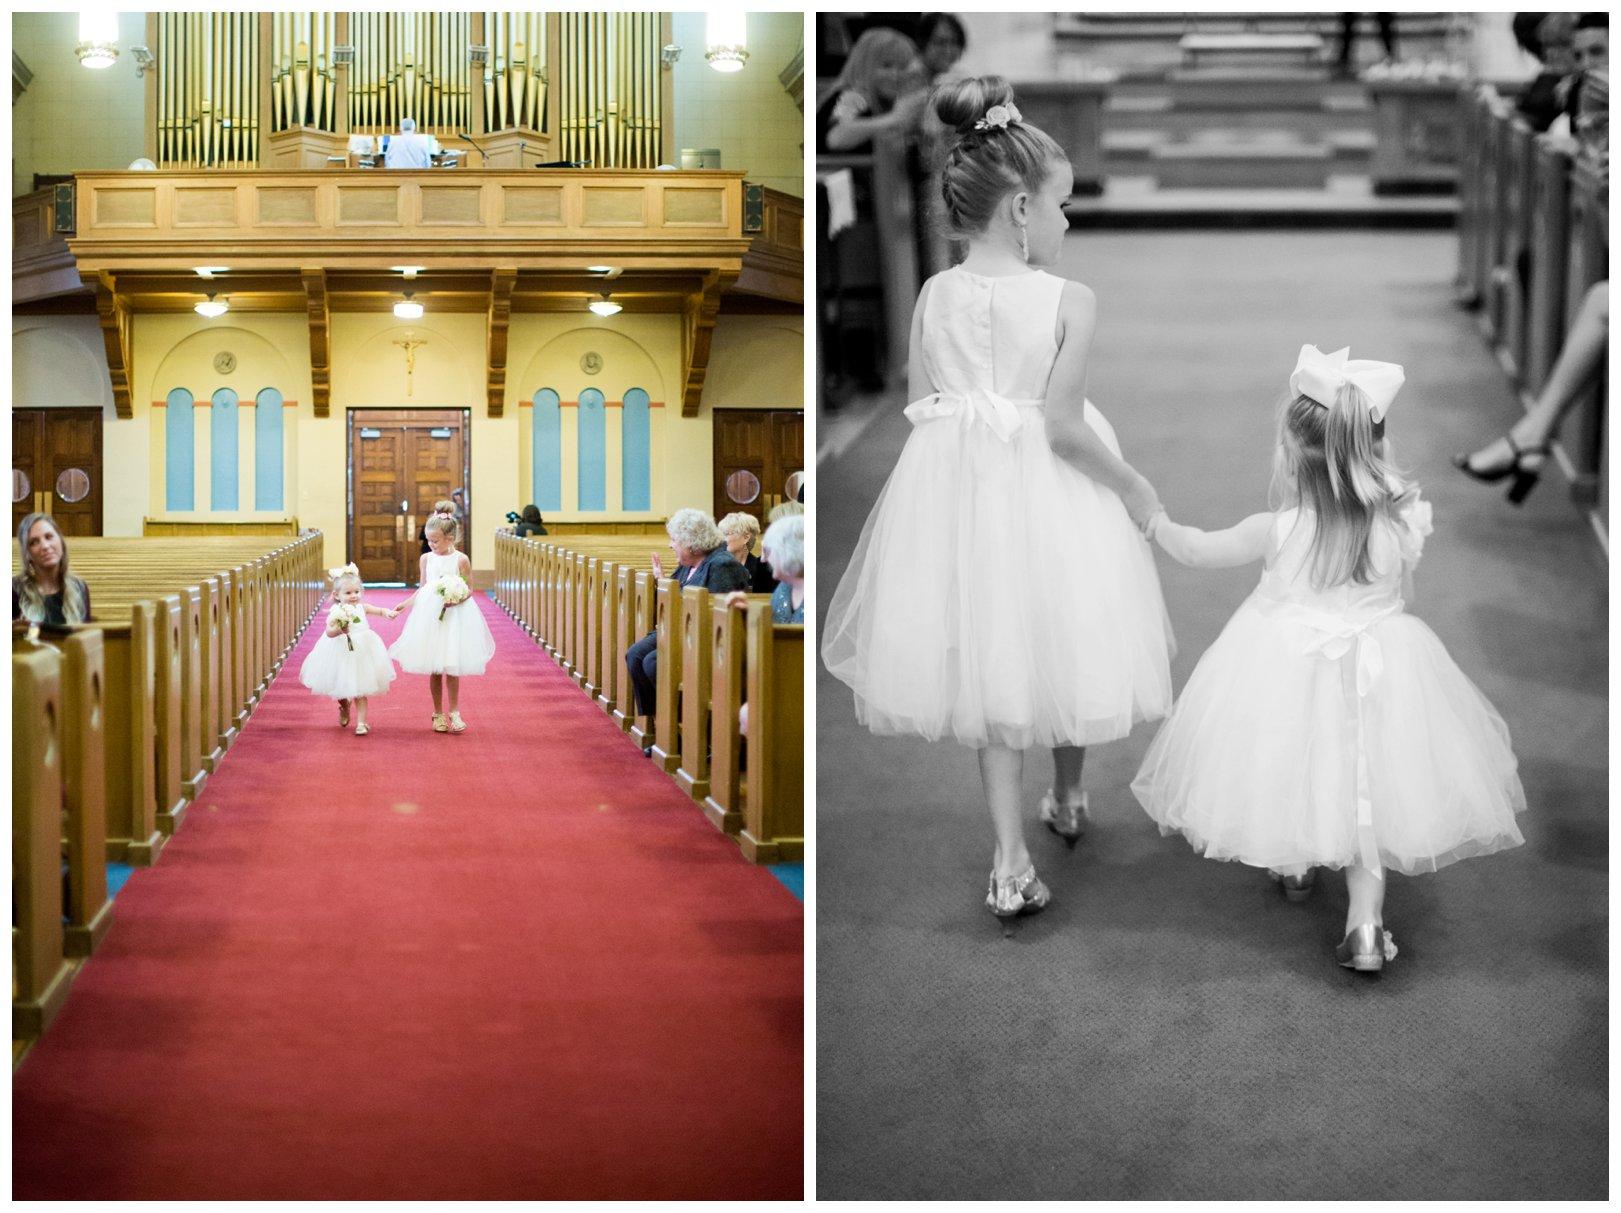 lauren muckler photography_fine art film wedding photography_st louis_photography_2137.jpg